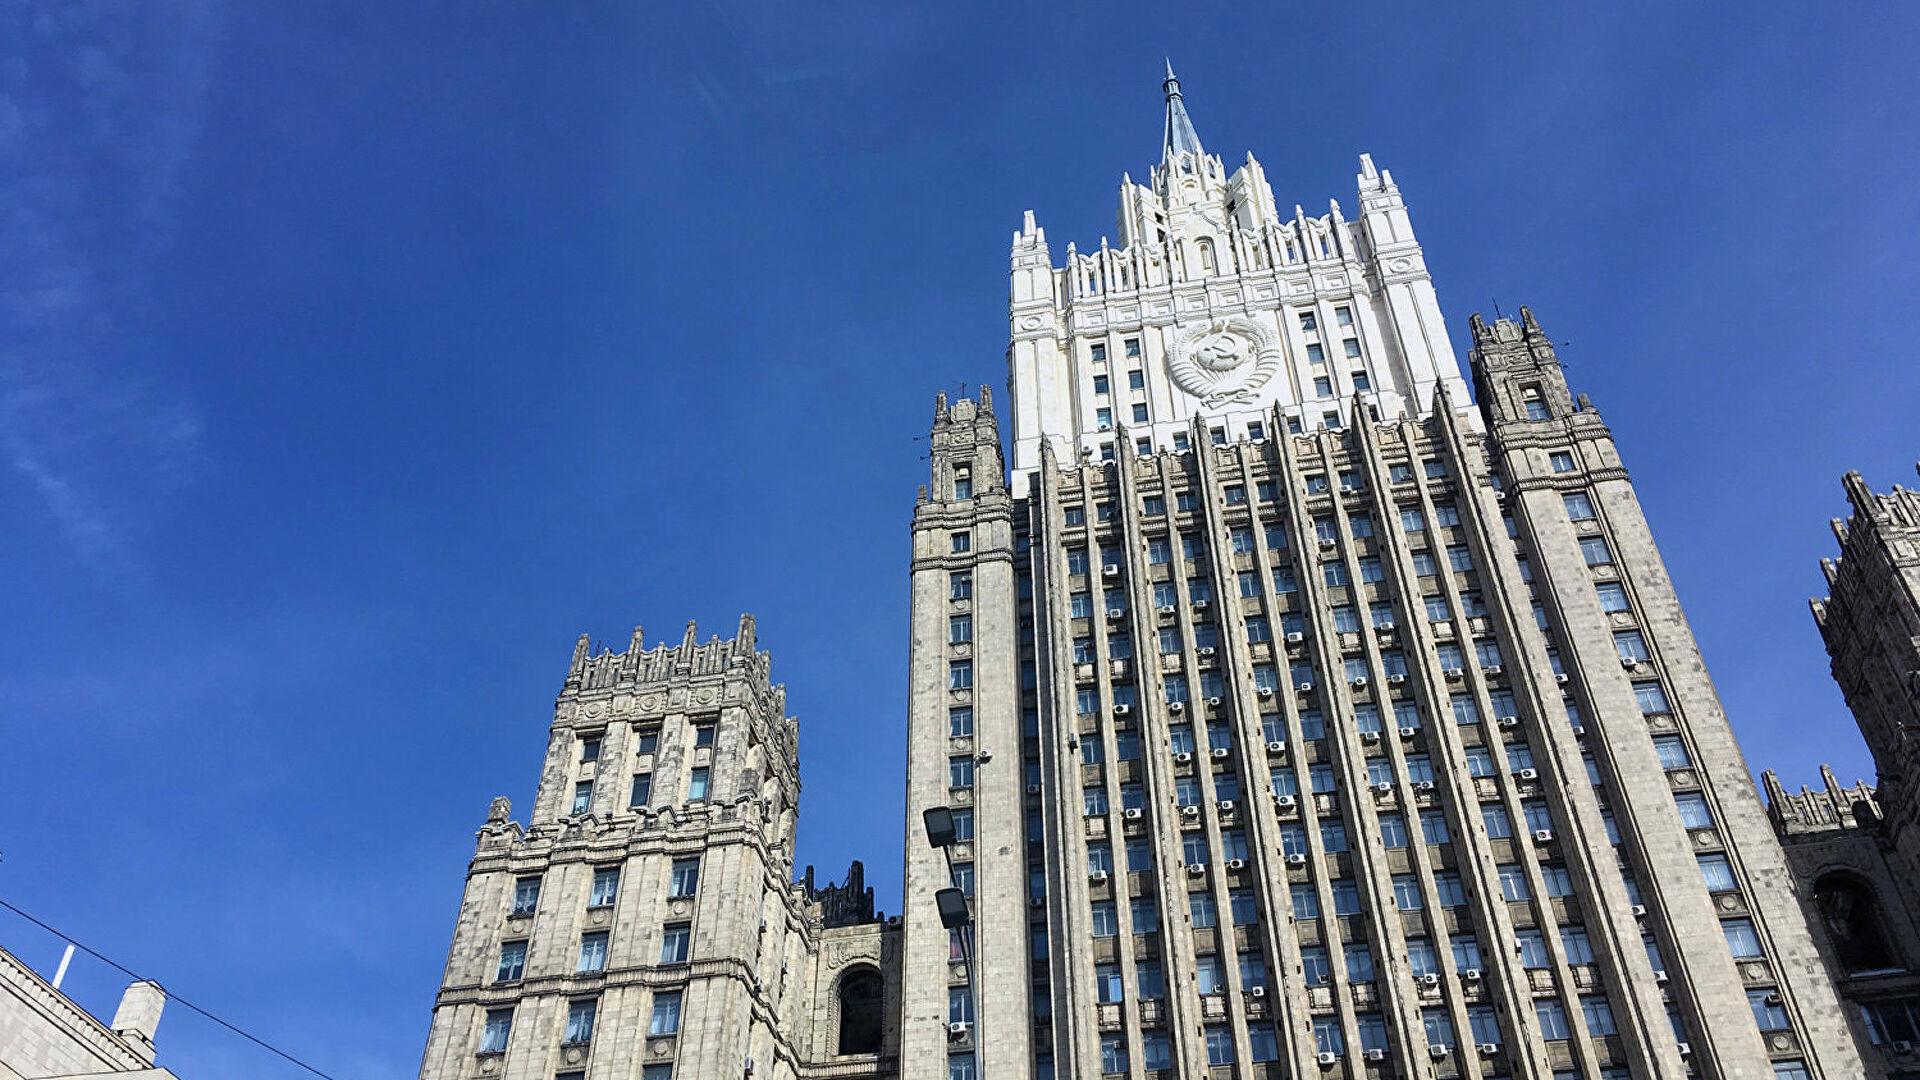 Захарова: Москва се није мешала у америчке унутрашње политичке процесе и неће то чинити